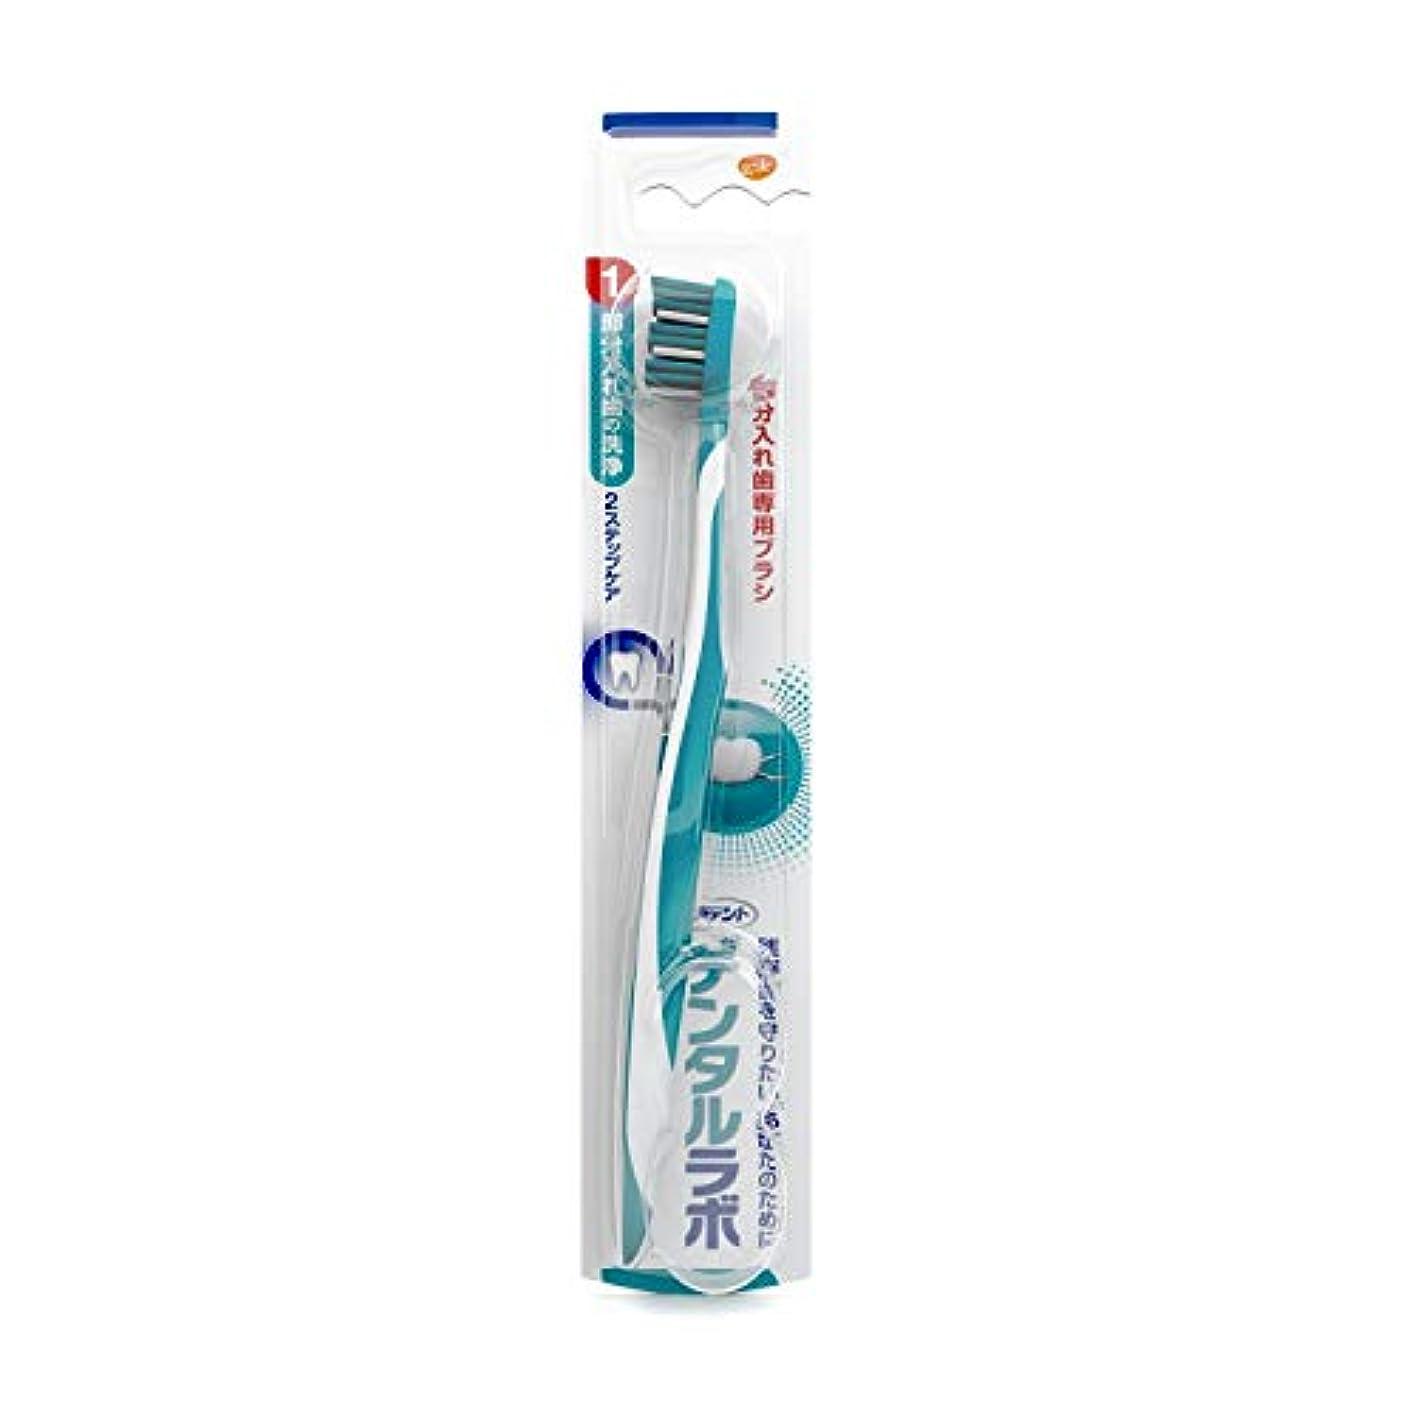 佐賀家畜本デンタルラボ 部分入れ歯専用ブラシ (色はお選びいただけません)